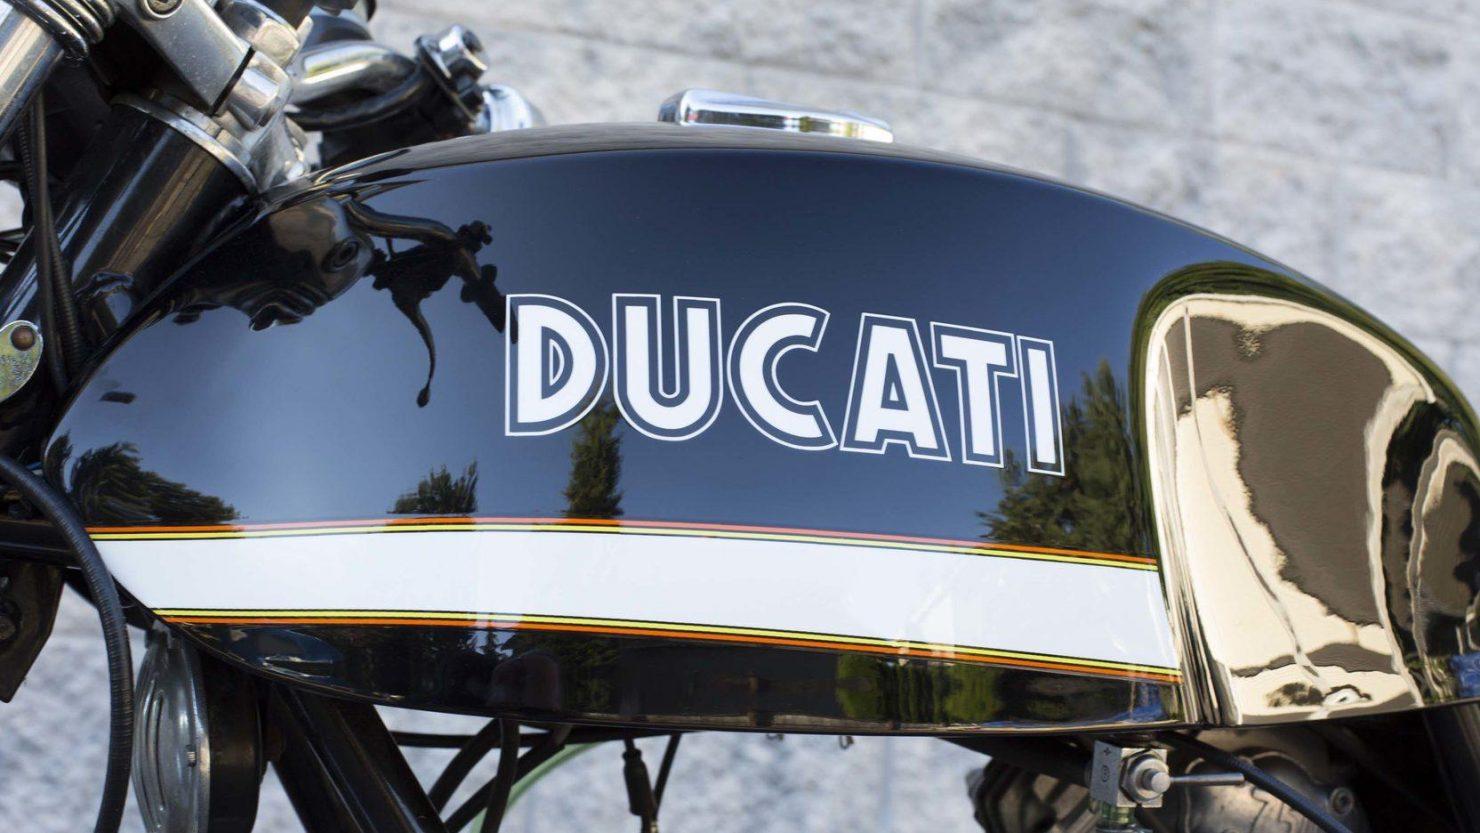 ducati 750gt 12 1480x833 - Original Sandcast 1971 Ducati 750 GT